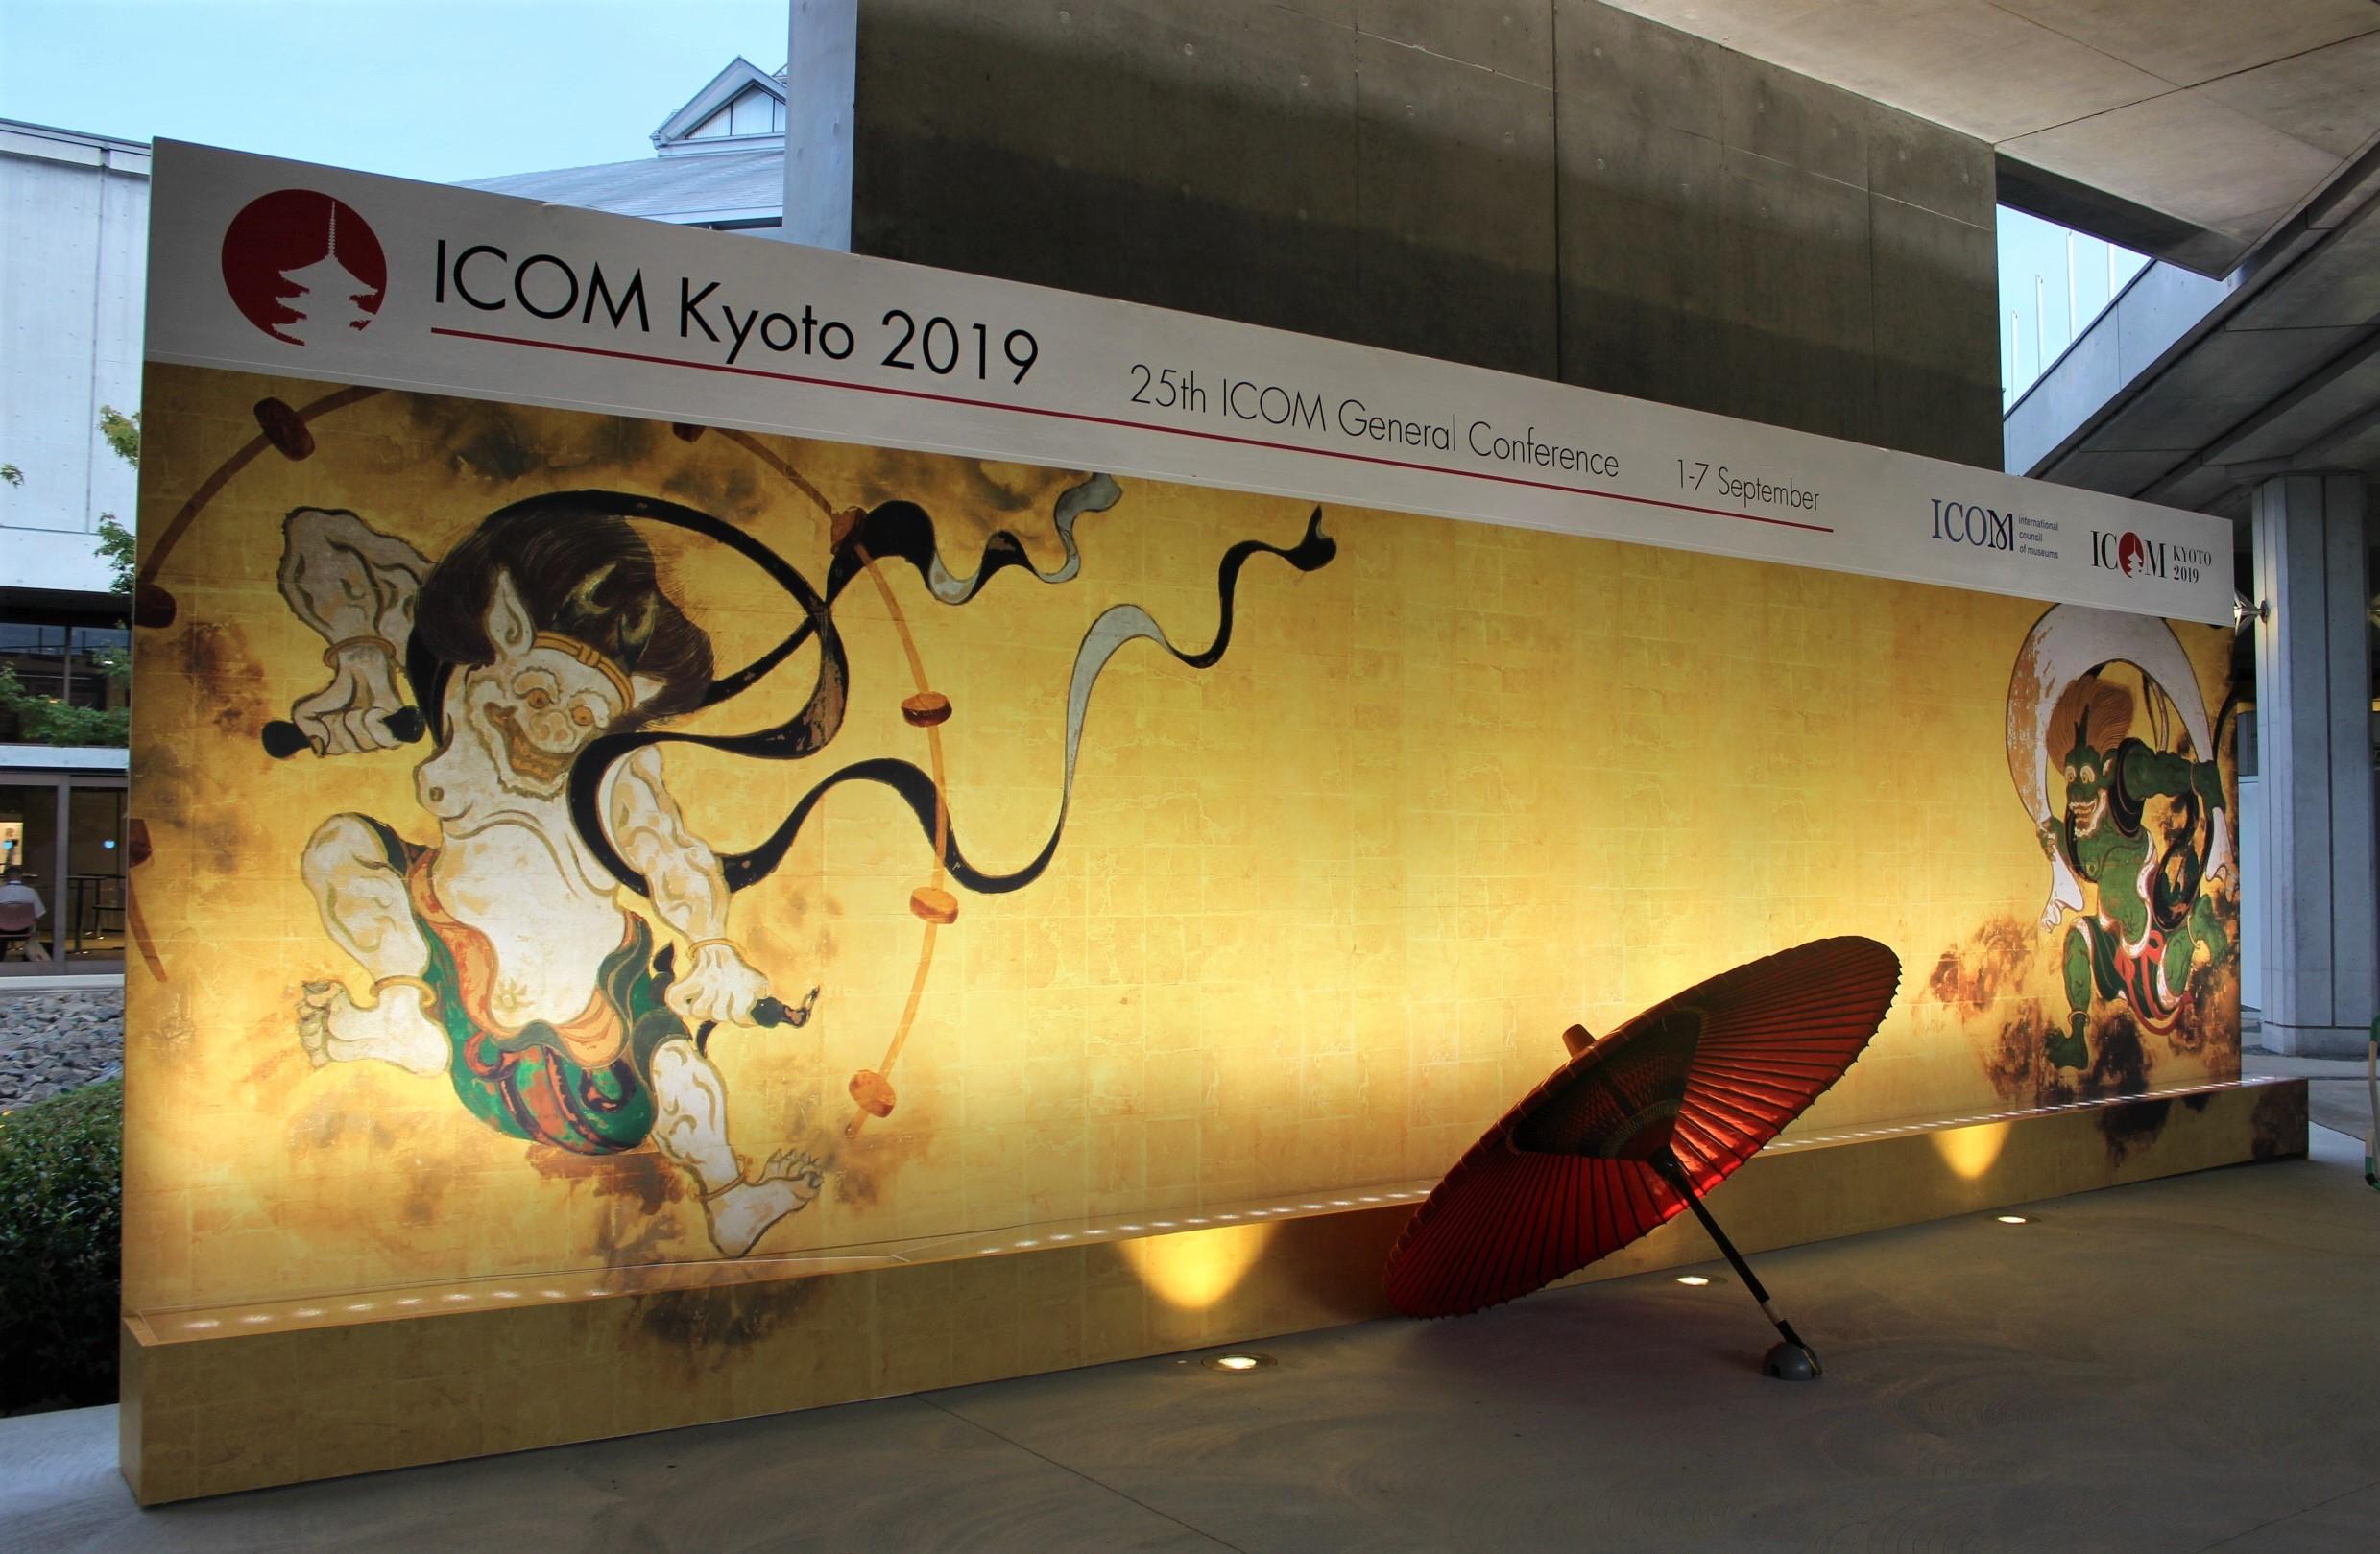 日本で初めて開催された国際博物館会議(ICOM)京都大会